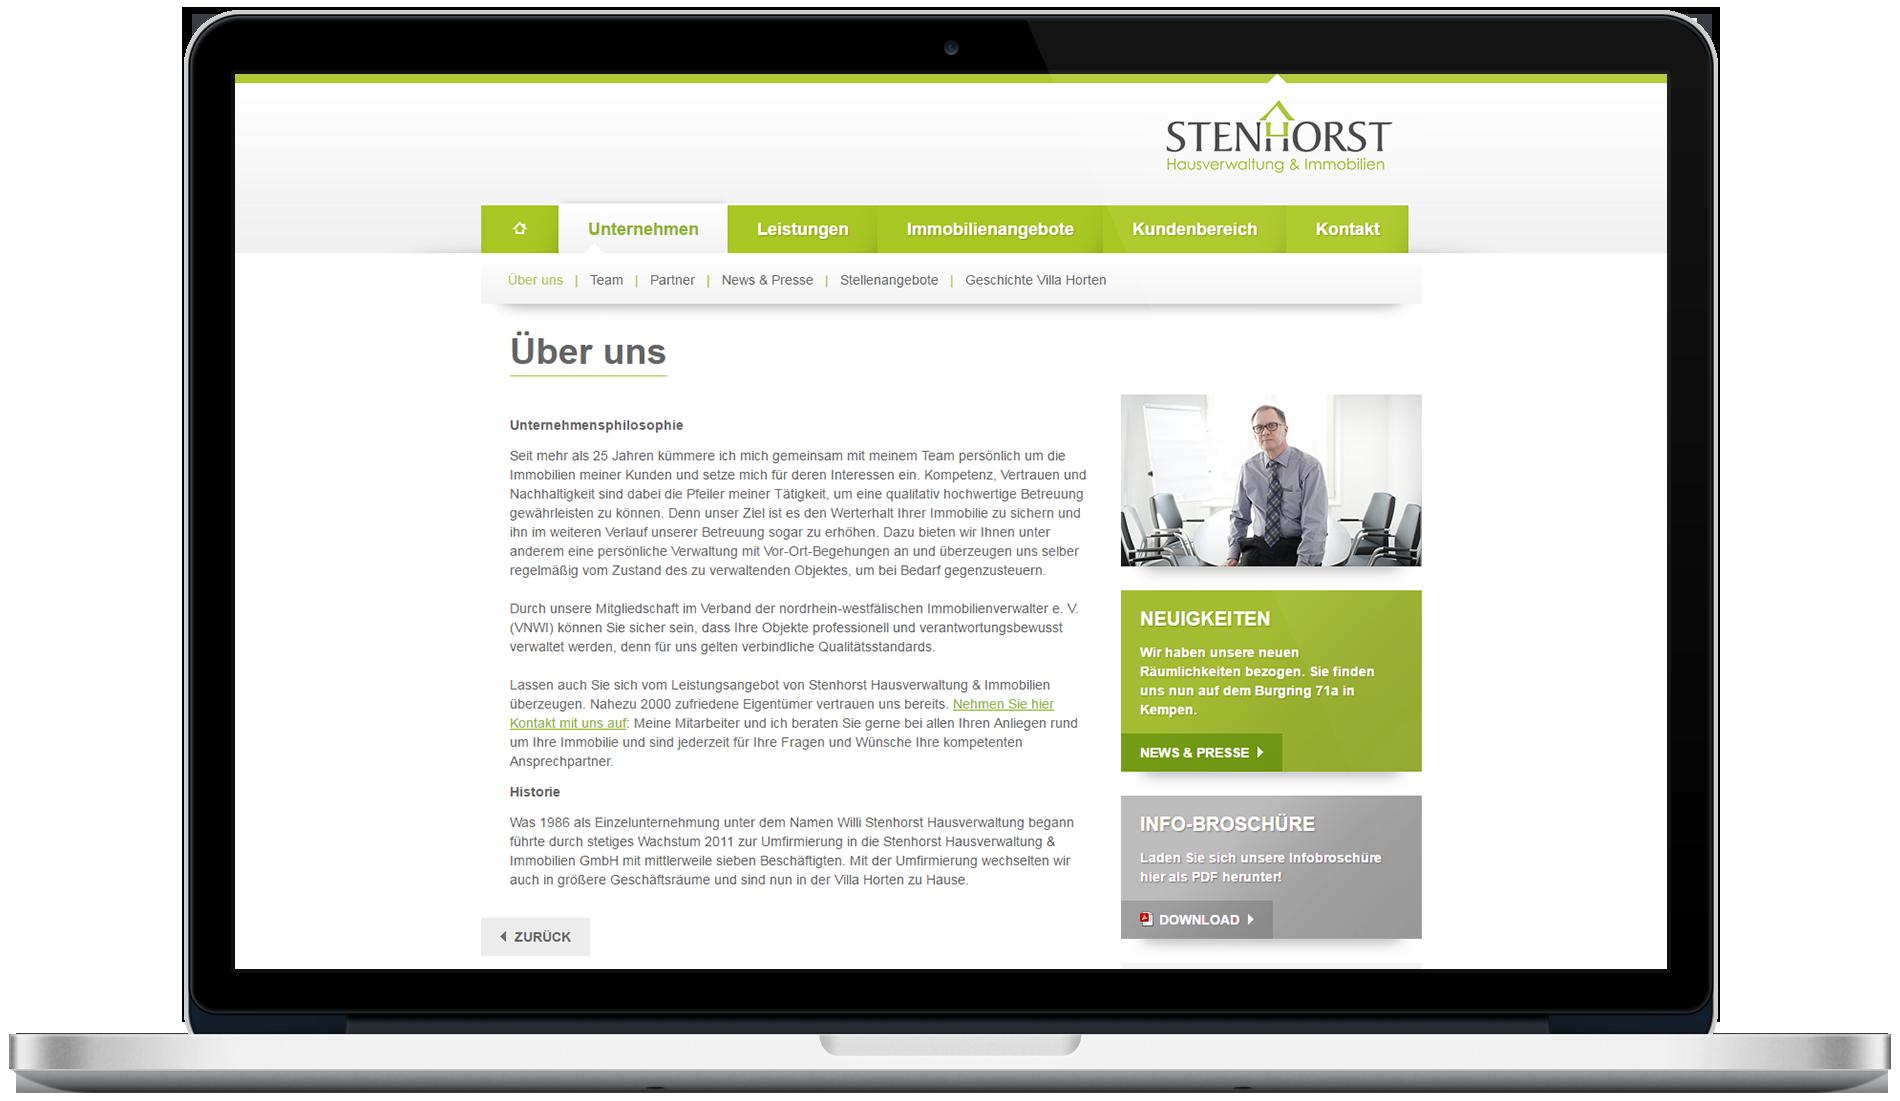 stenhorst-ueber-uns-macbook